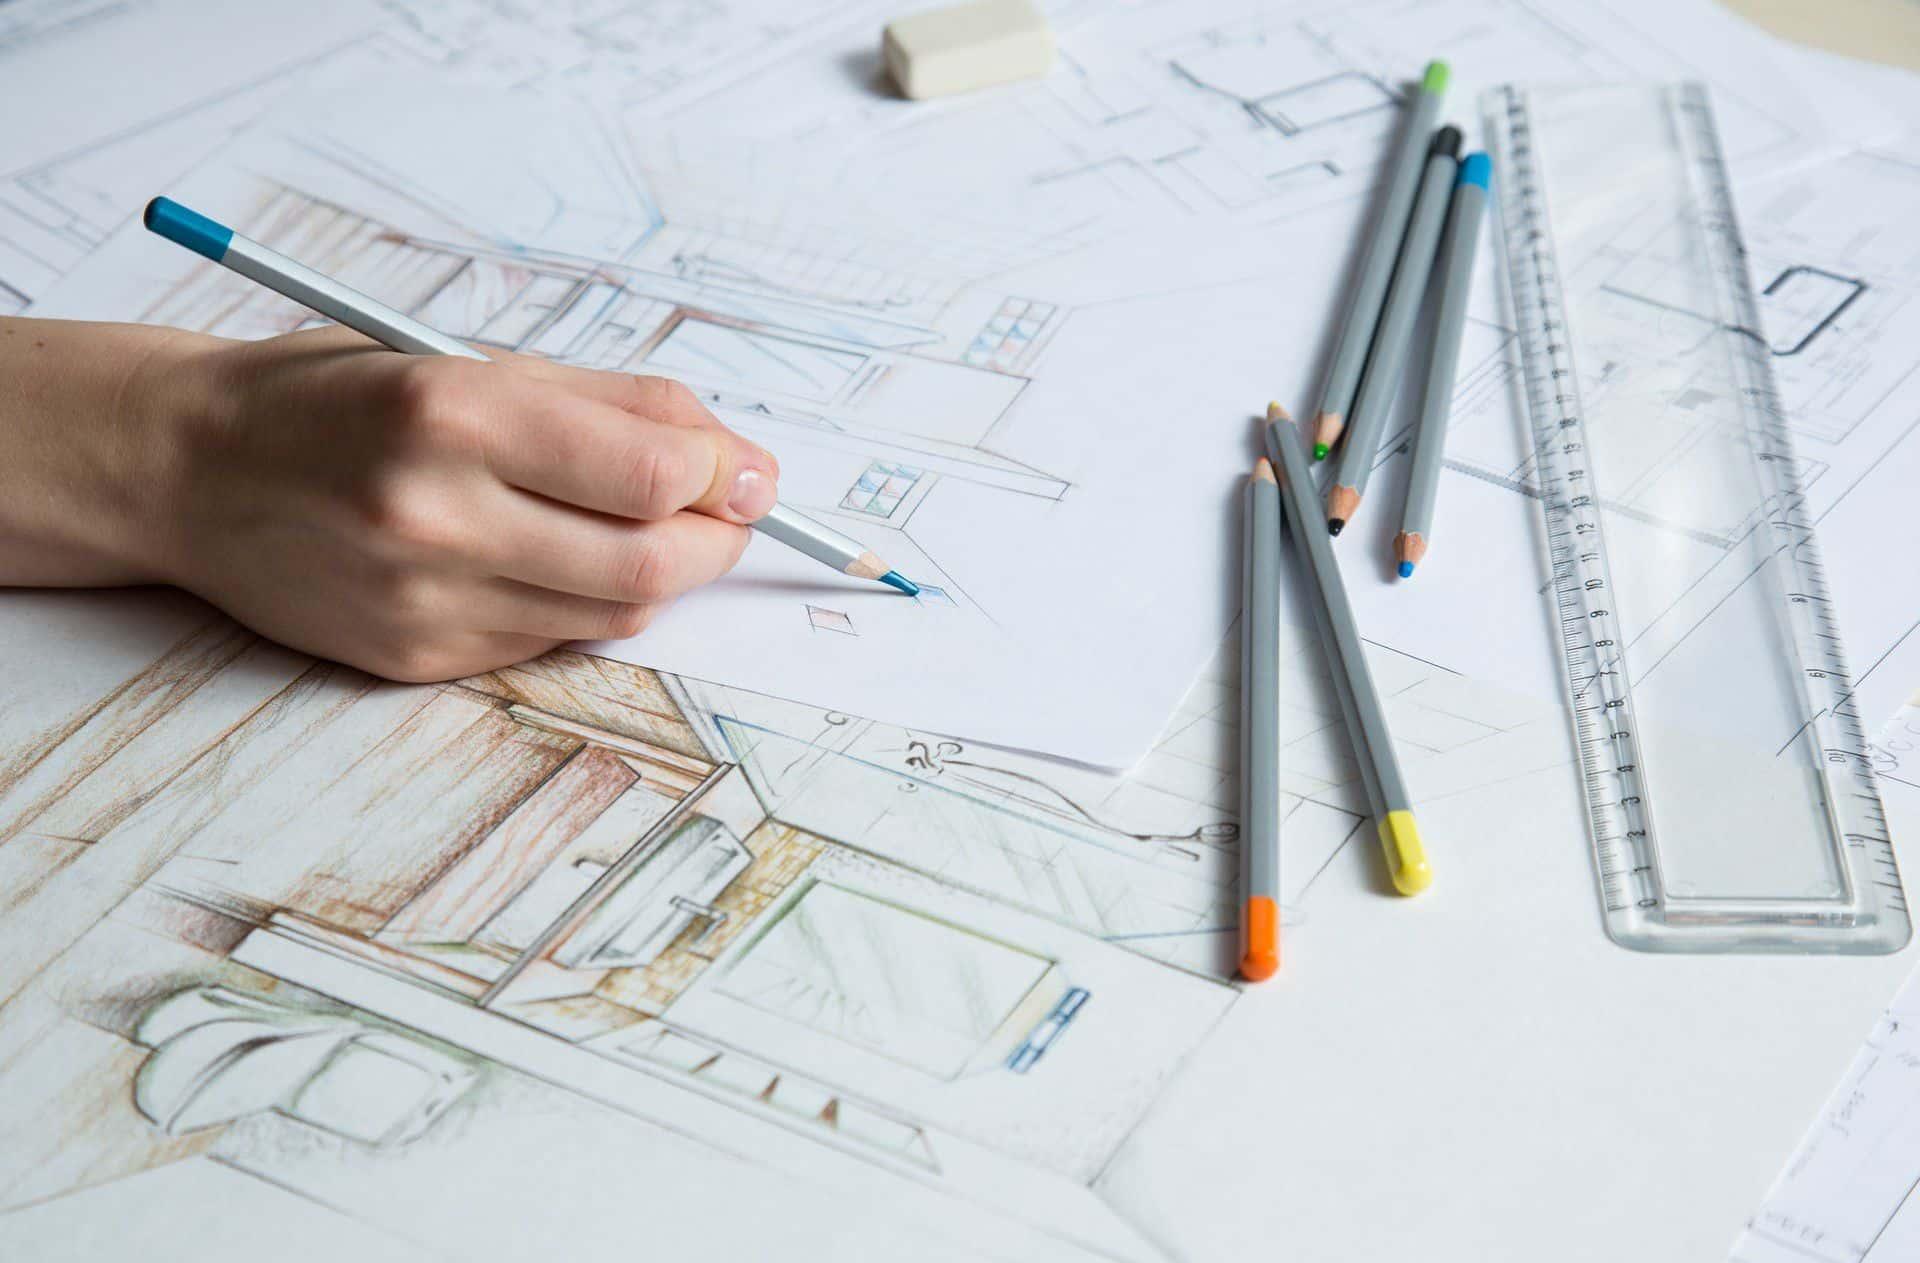 گروه معماری هشت گوش-علی تفقدی زارع